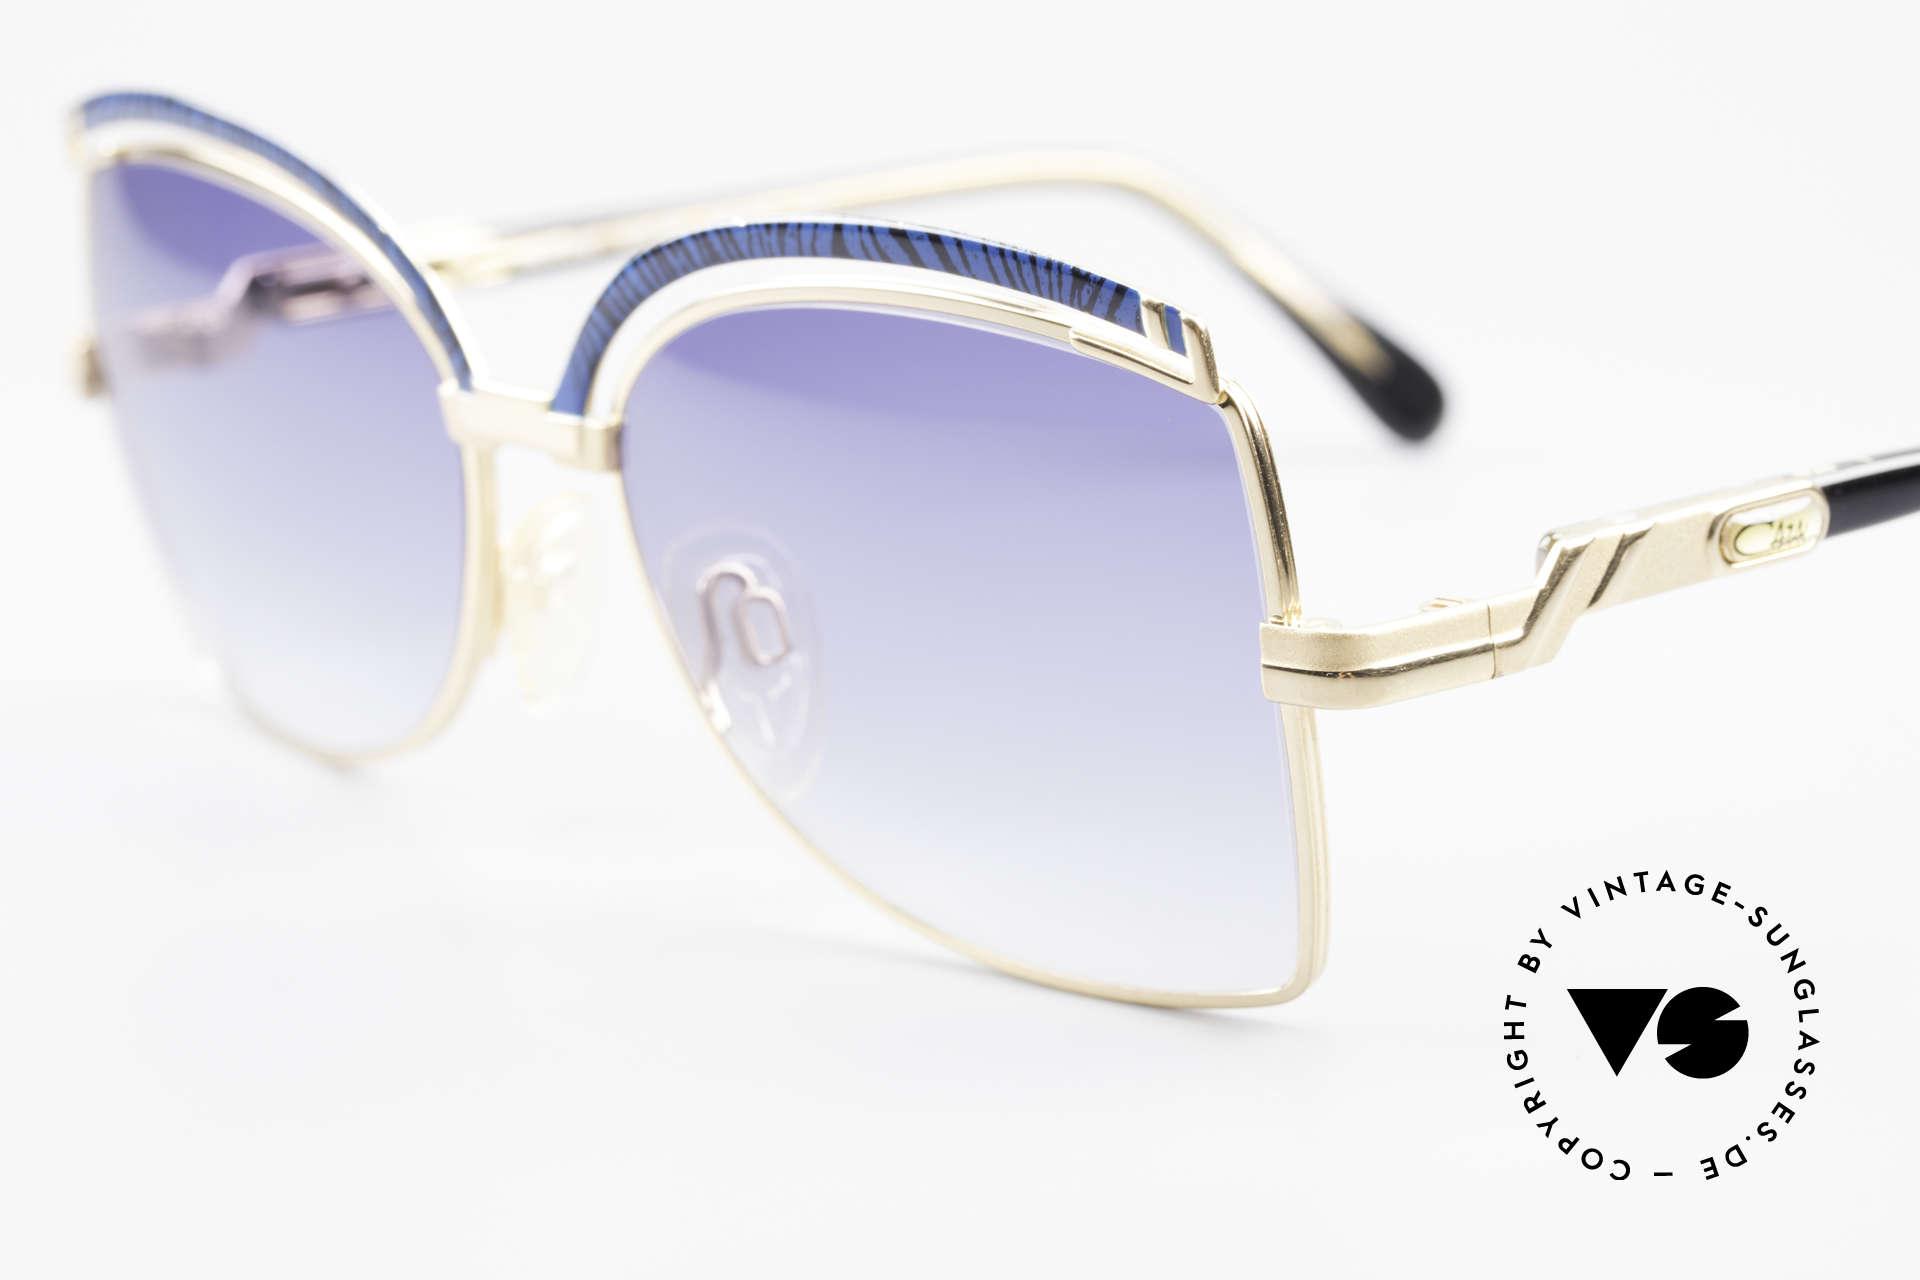 Cazal 240 90er Damen Sonnenbrille, ungetragen (wie alle unsere alten Cazal Modelle), Passend für Damen